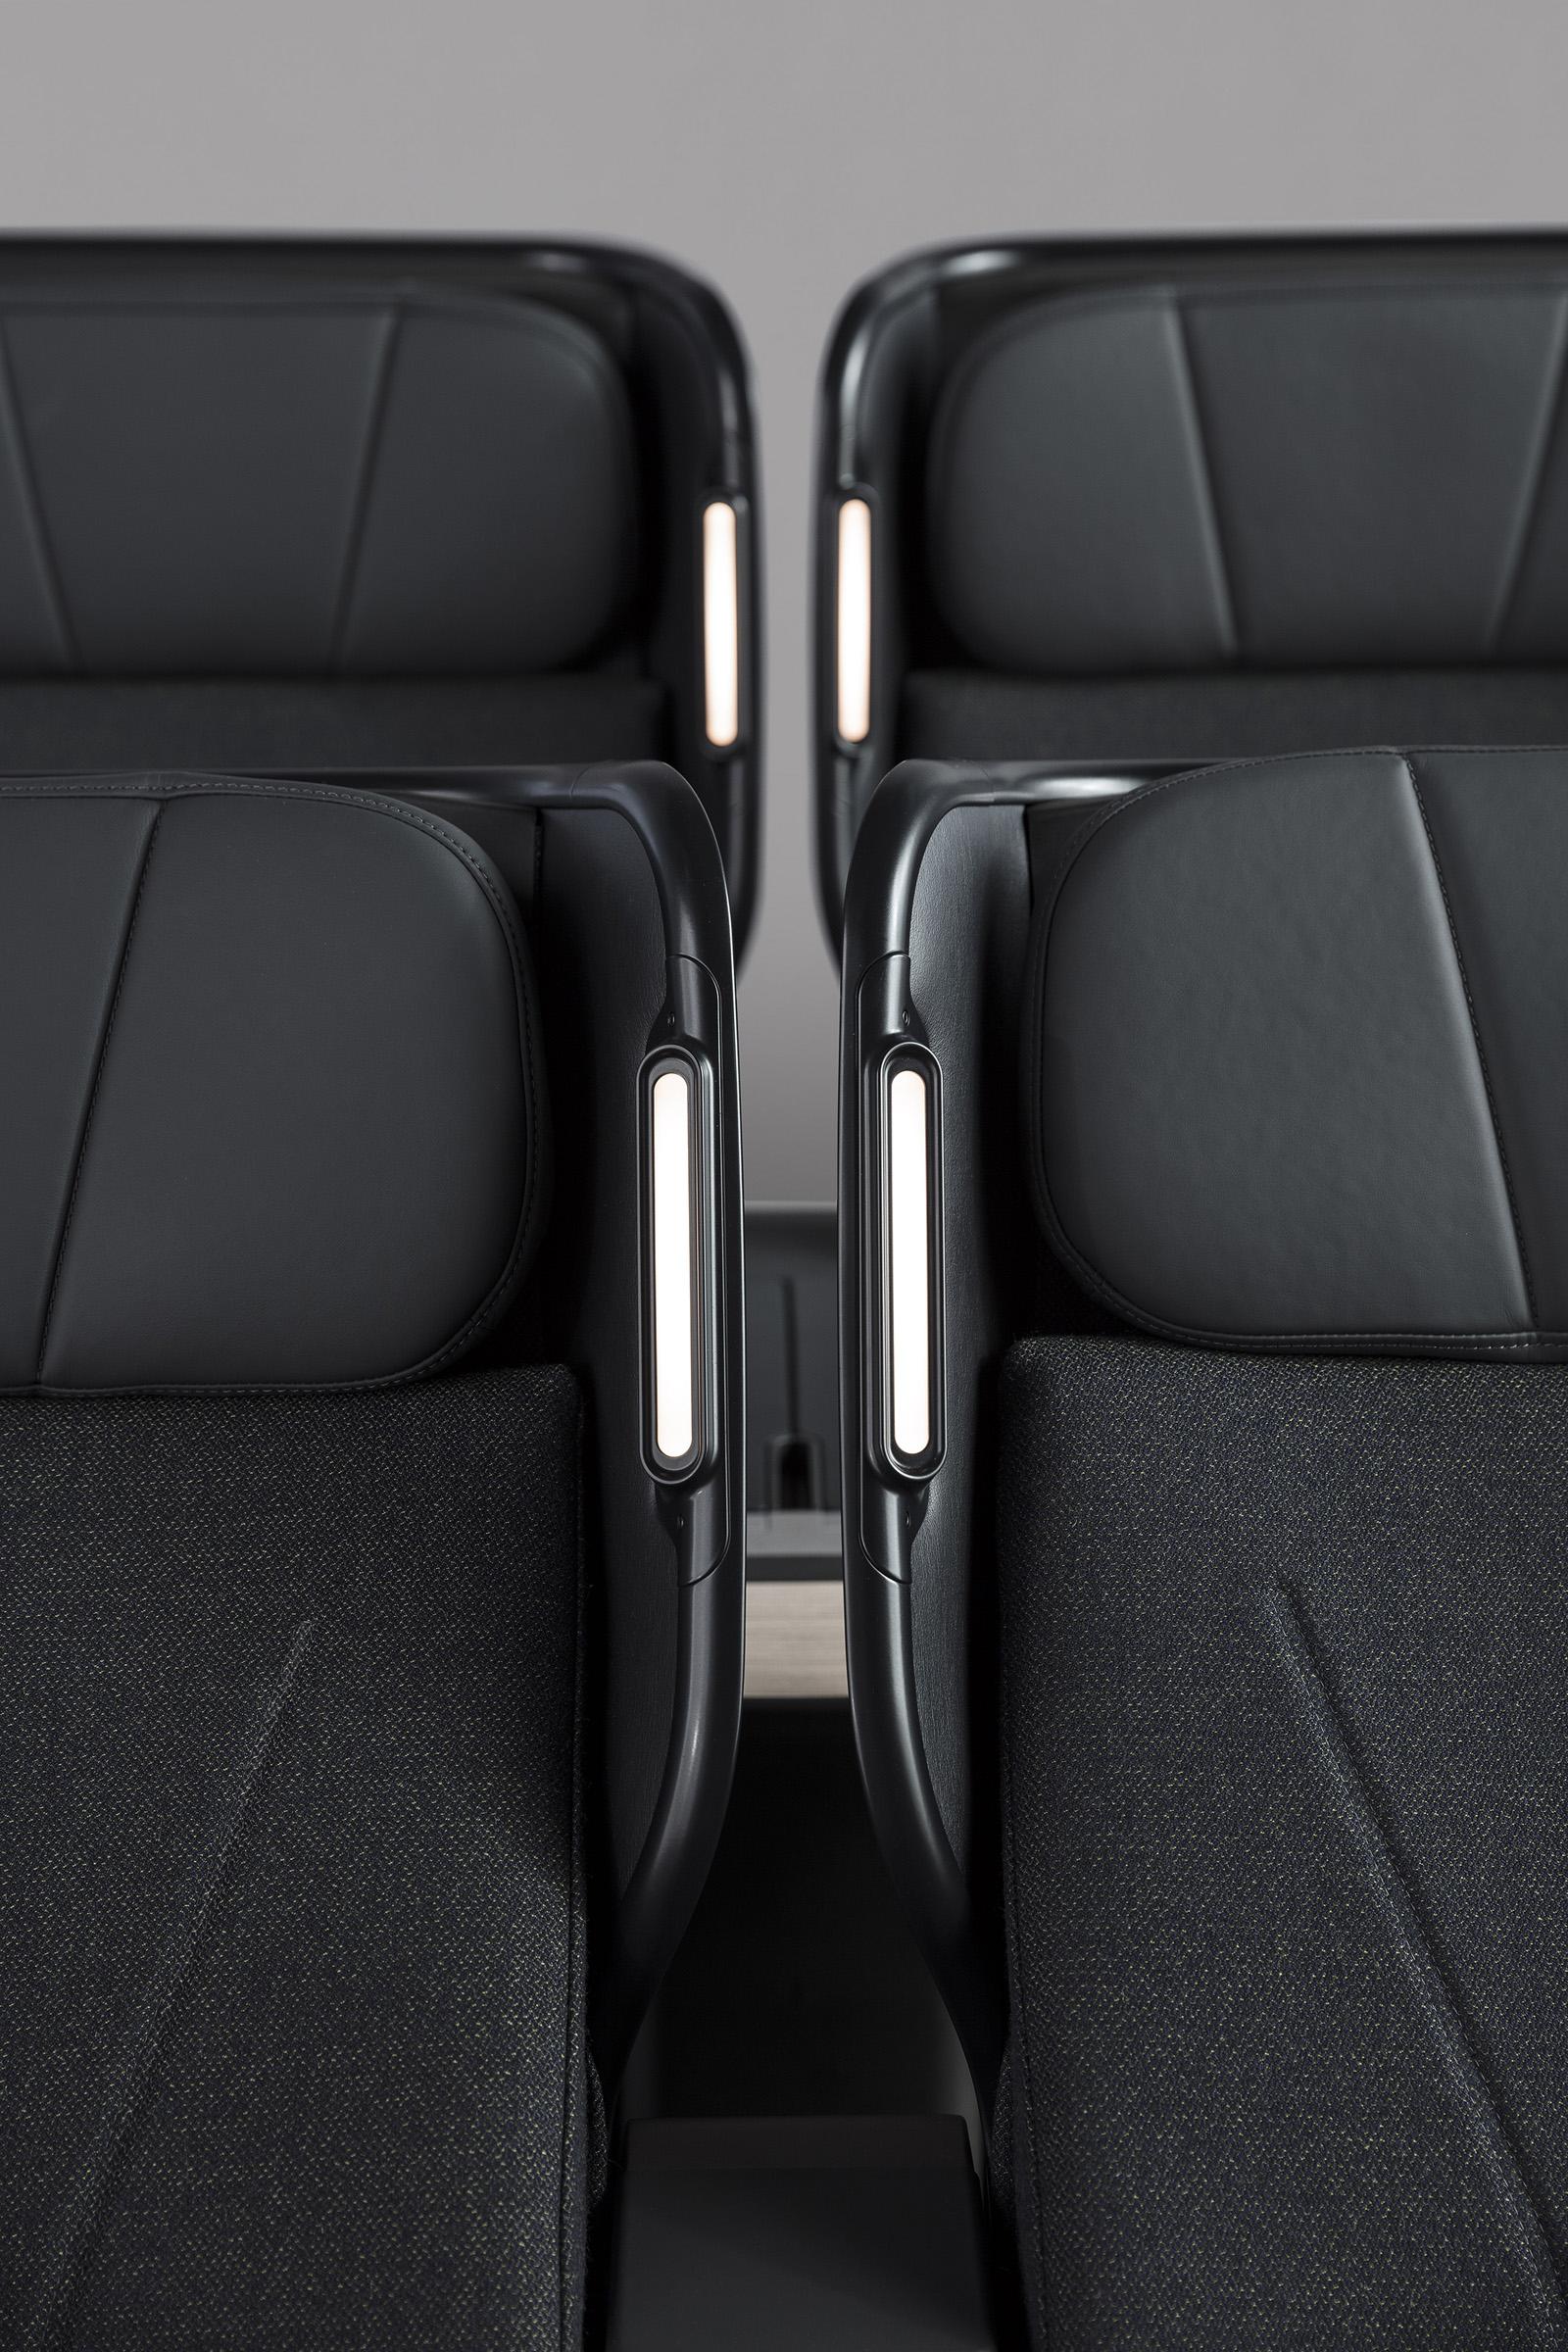 11 Caon_QF+Seats_0A8A7701_DE+SMALL.jpg